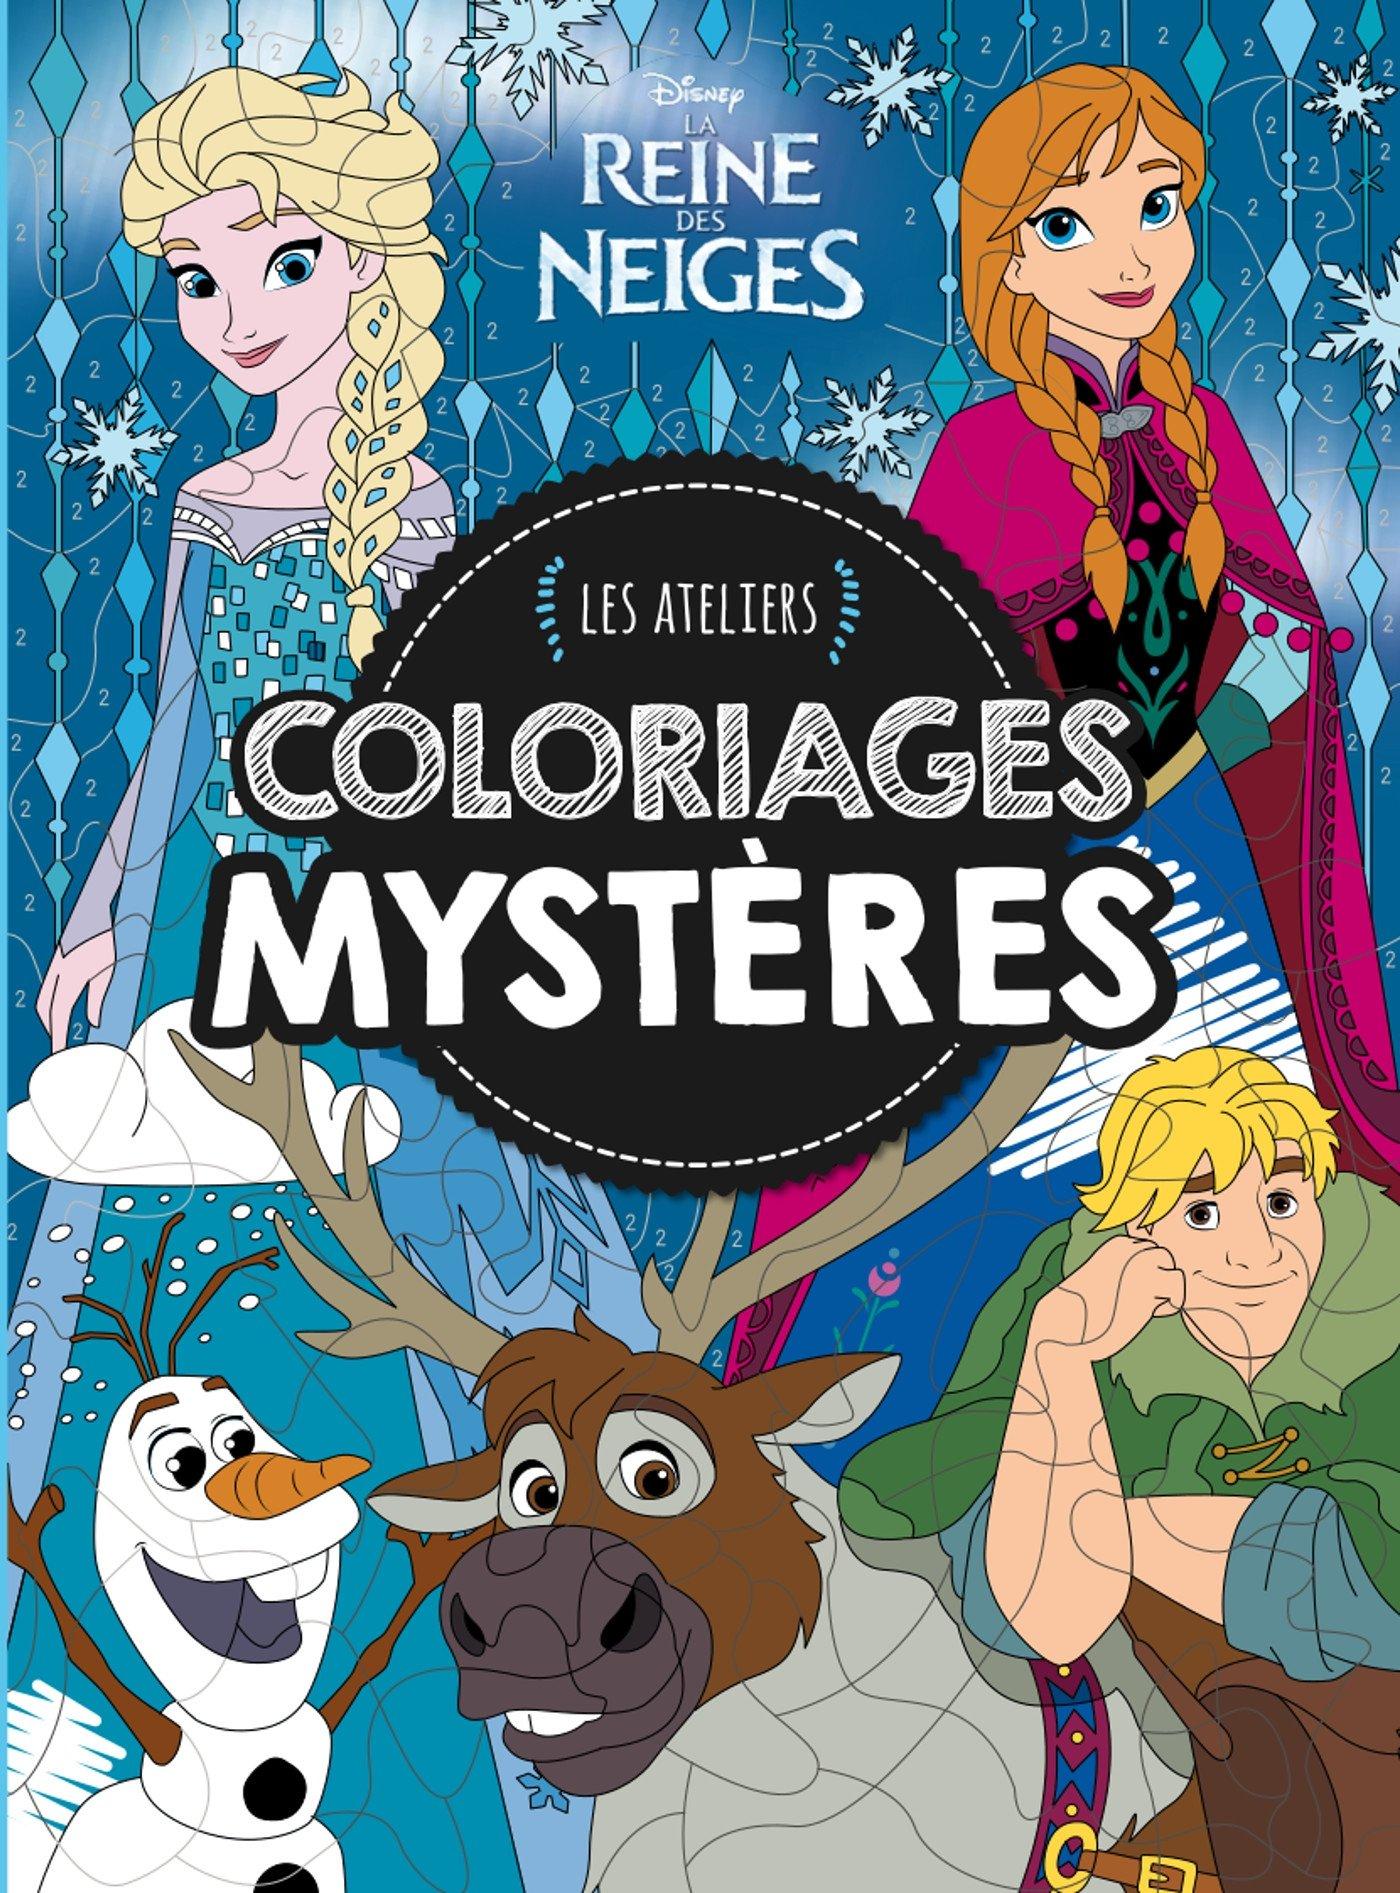 Reine Des Neiges Les Ateliers Disney Coloriages Mysteres Hjd